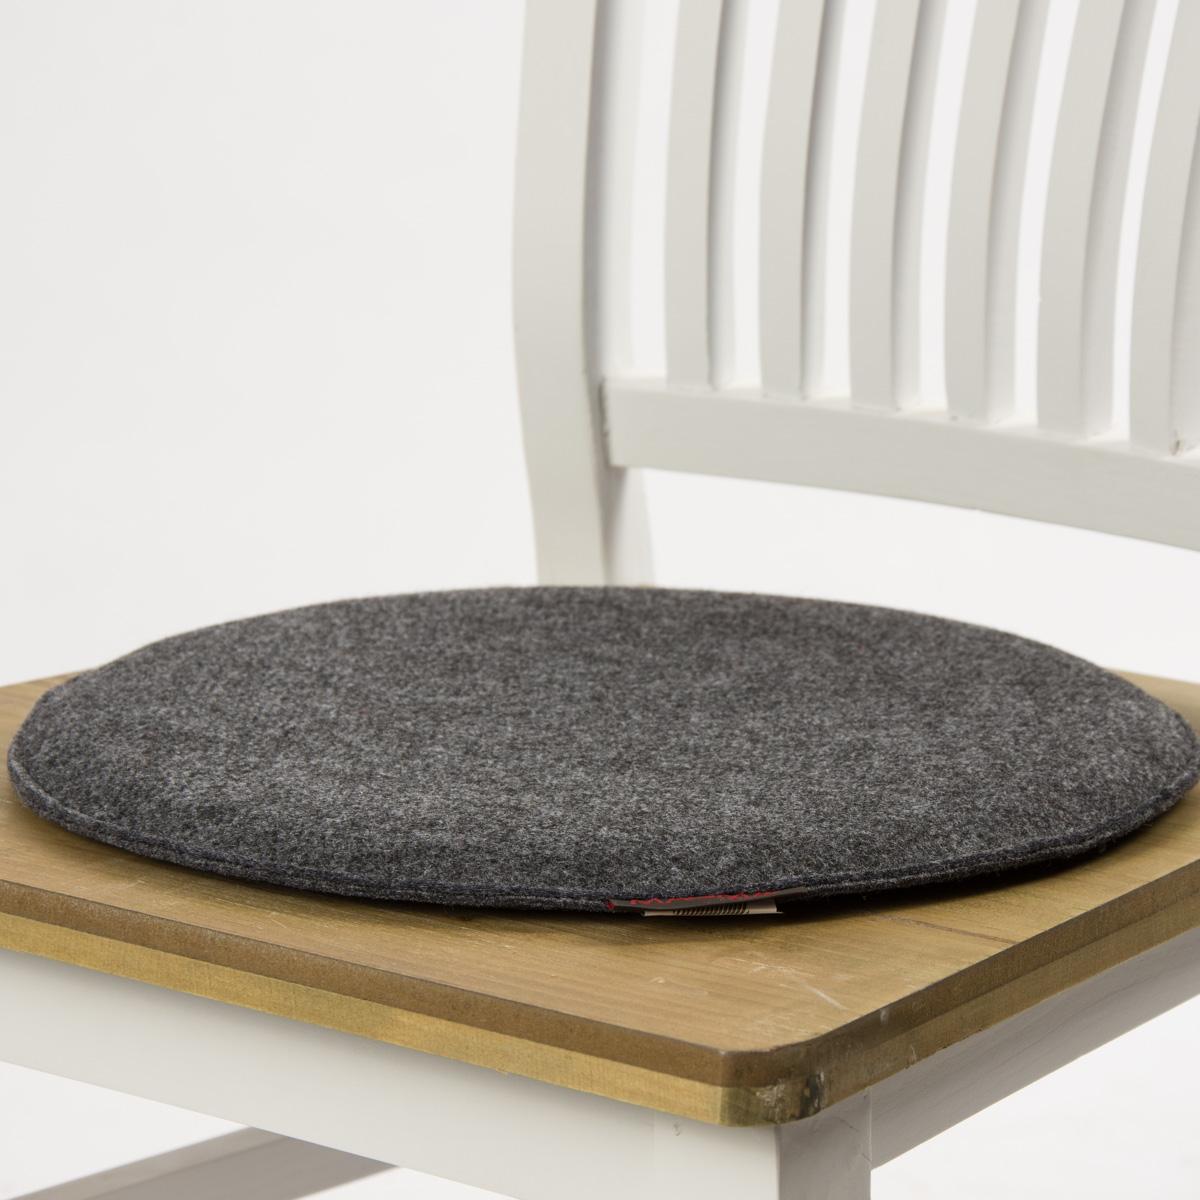 stuhlkissen avaro filz rund anthrazit meliert 35x2cm wohntextilien kissen klassisch uni. Black Bedroom Furniture Sets. Home Design Ideas